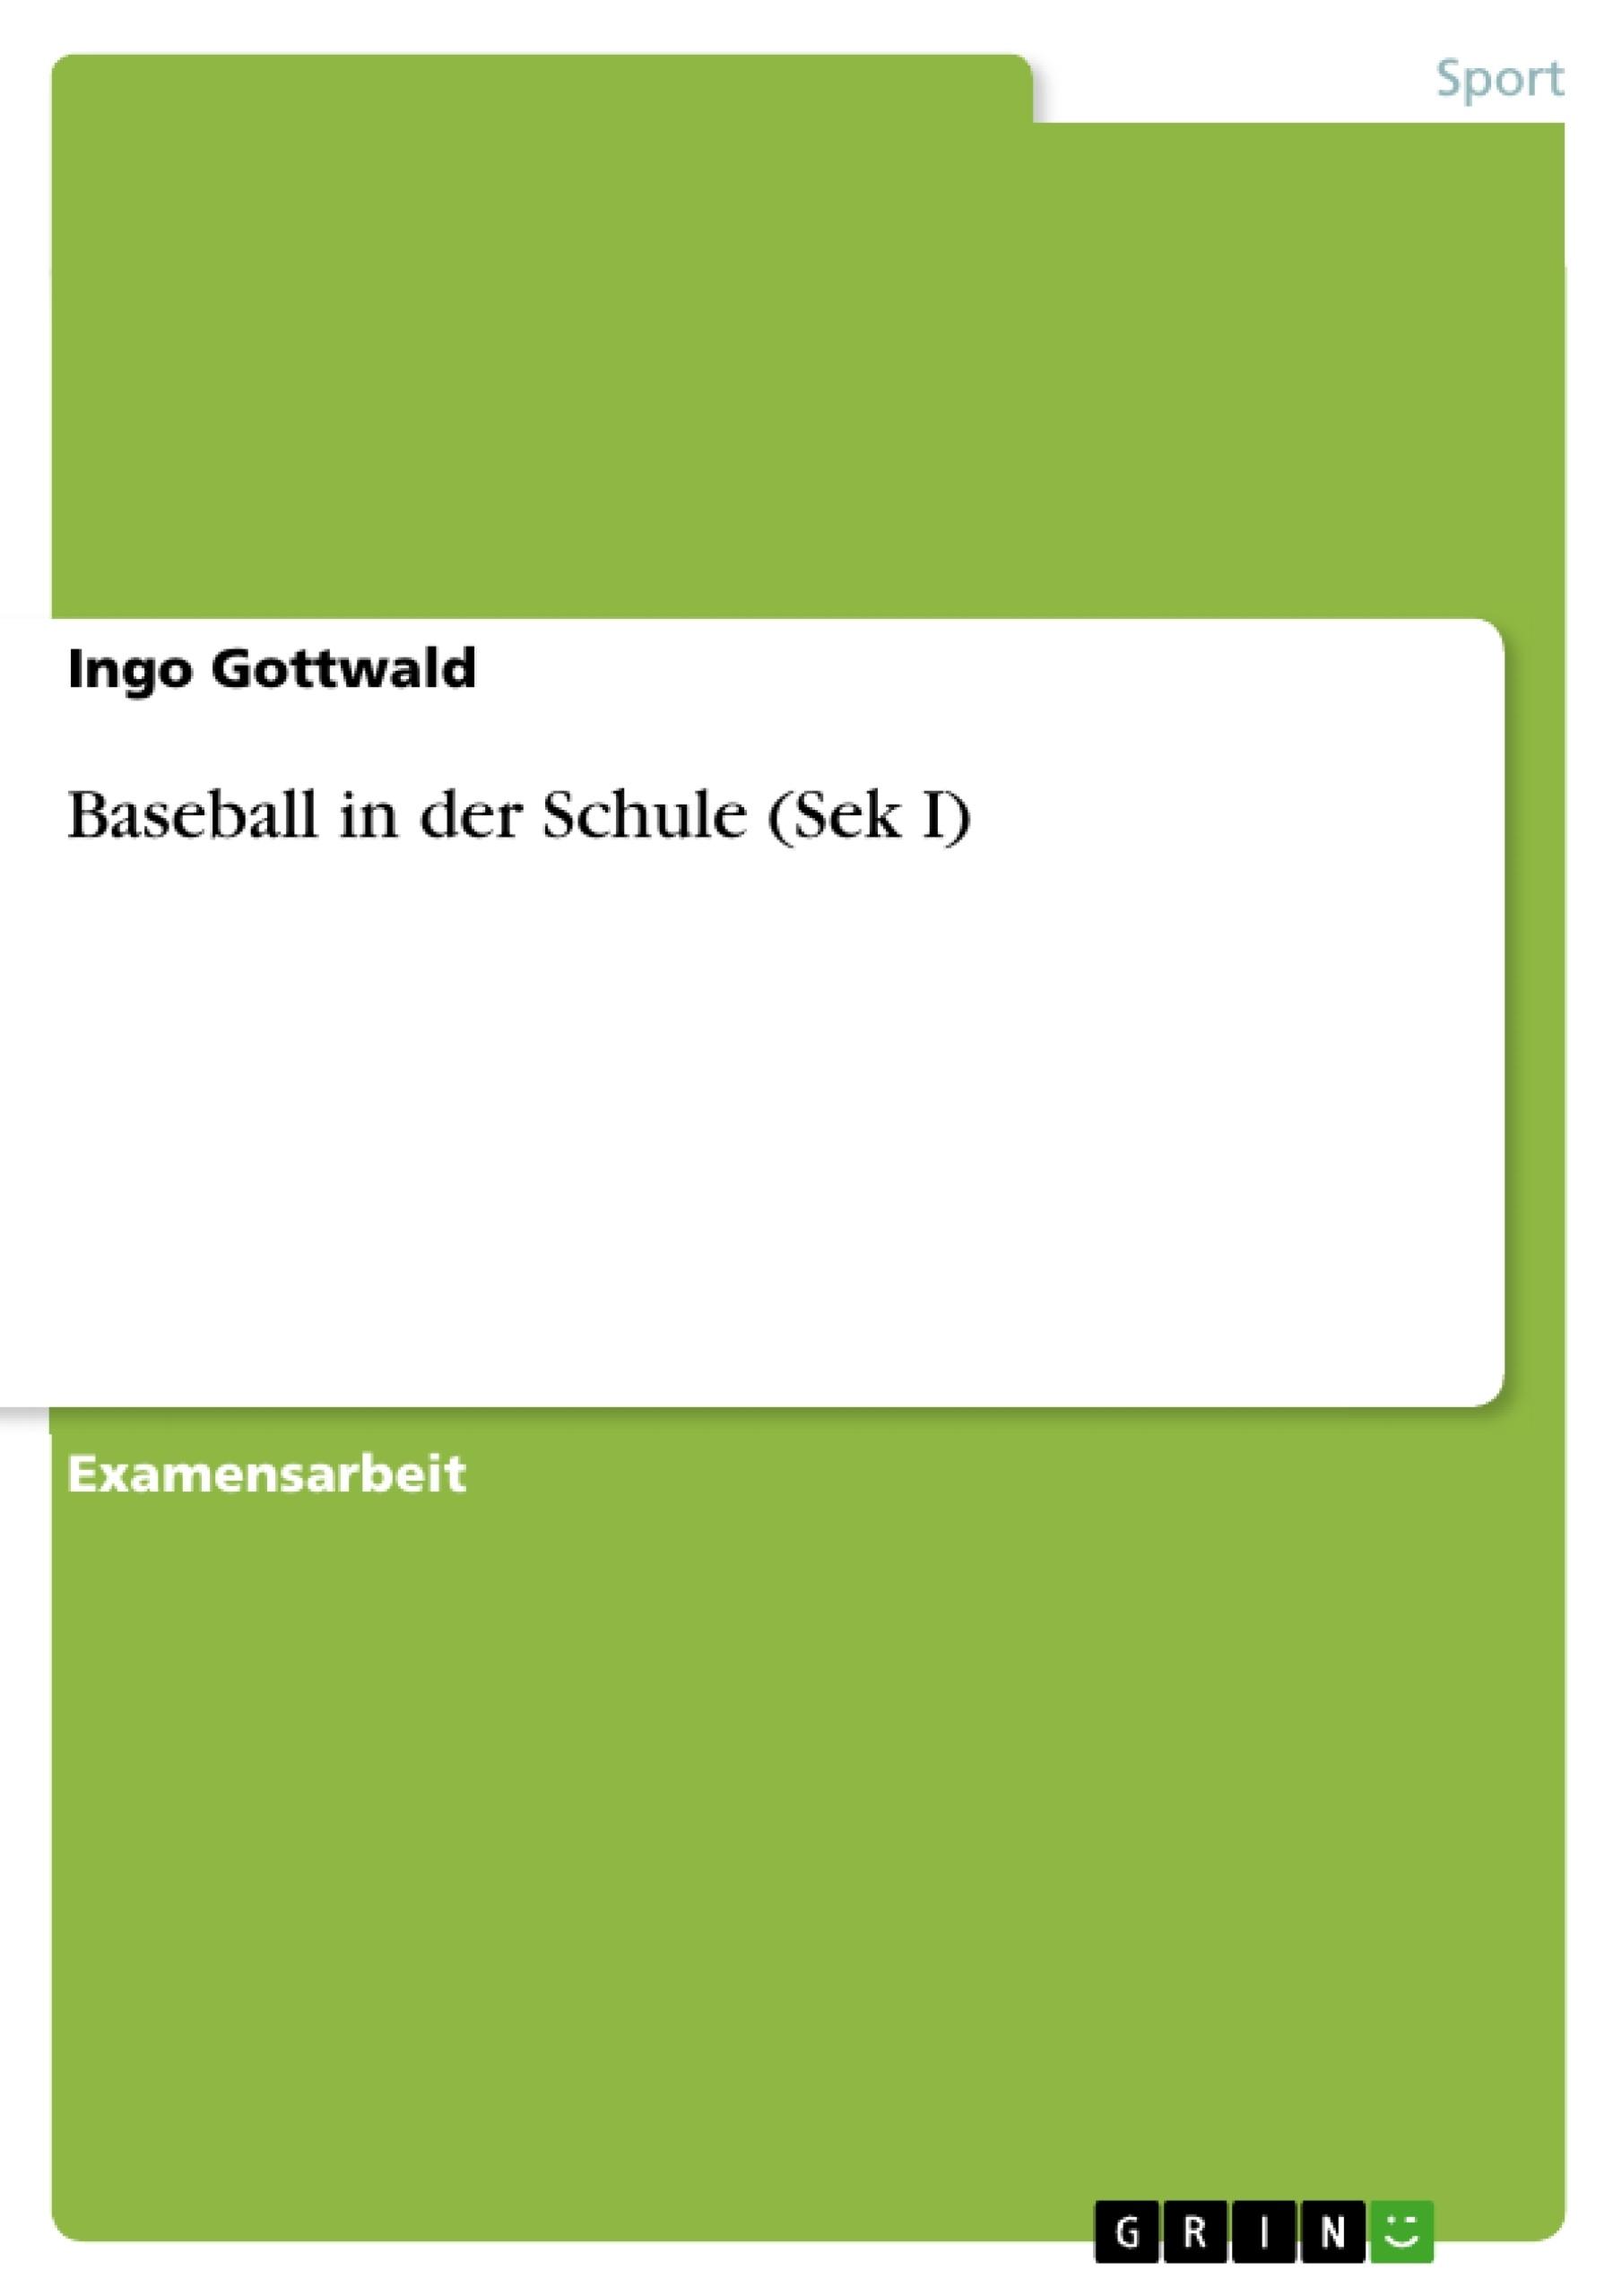 Titel: Baseball in der Schule (Sek I)